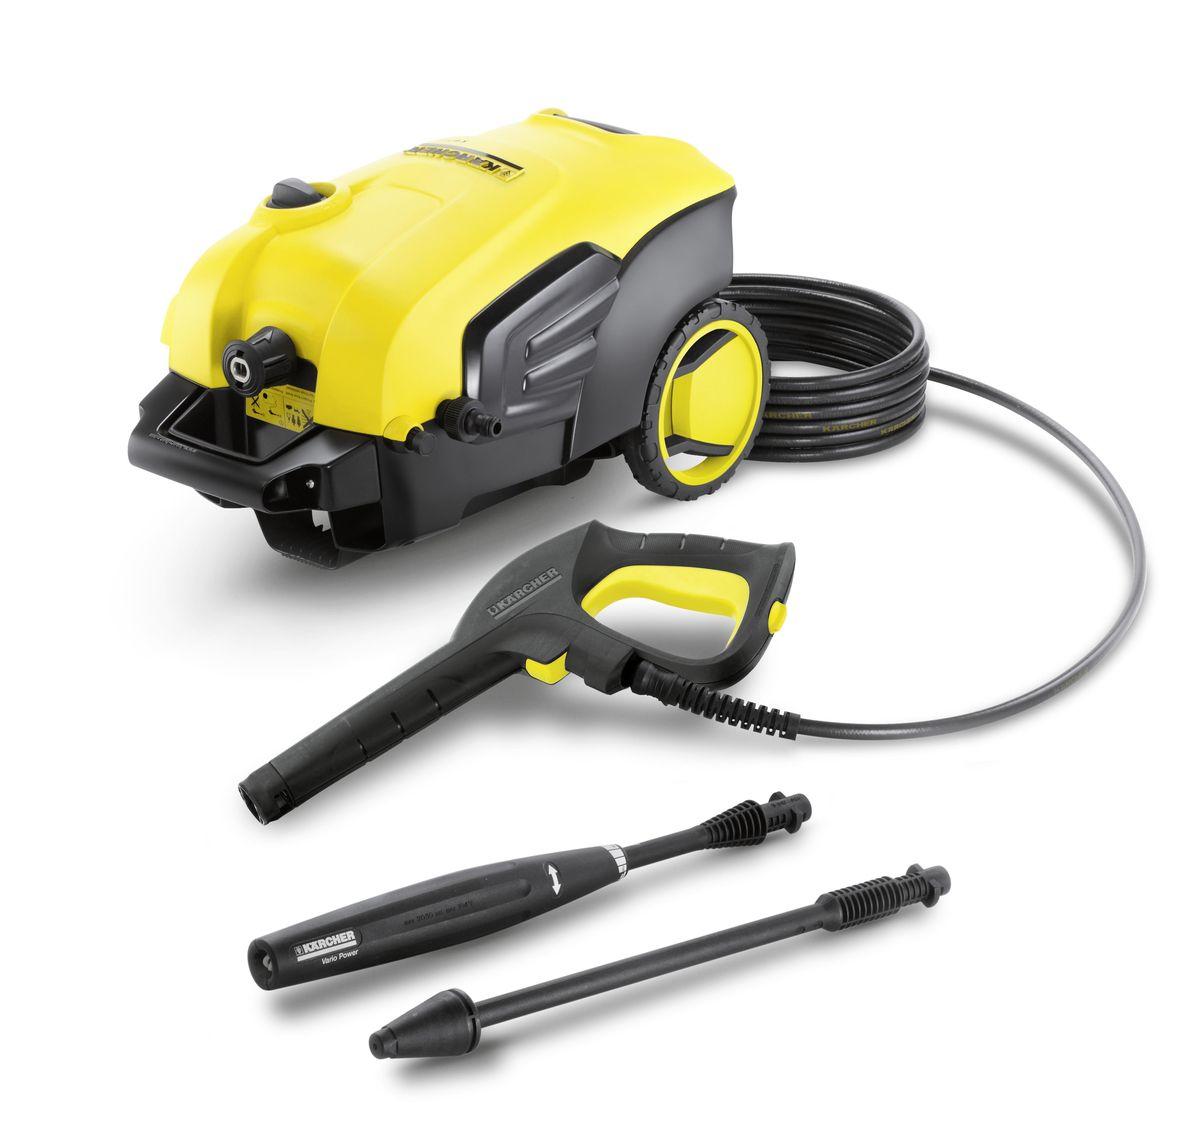 Мойка высокого давления Karcher K 5 Compact, цвет: желтый, черный1.630-720.0Мойка высокого давления Karcher K 5 Compact подходит для эффективной очистки умеренно загрязненных автомобилей, велосипедов и фасадов домов. Она оснащена мощным двигателем водяного охлаждения, а в комплект поставки входят пистолет с разъемом Quick Connect, 8-метровый шланг высокого давления, струйная трубка Vario Power и грязевая фреза. Водяной фильтр надежно защищает насос двигателя от повреждения. Шланг высокого давления быстро и легко присоединяется к мойке и отсоединяется от нее, что экономит время и силы. Большие колеса и эргономичная ручка, устанавливаемая на оптимальной высоте, облегчают перемещение. Мойка высокого давления оснащена встроенной системой всасывания чистящего средства. Практичная система забора воды позволяет снабжать мойку водой из альтернативных источников, например из бочки или цистерны.Удобные и надежные аппараты высокого давления серии Сompact имеют две ручки для транспортировки, чтобы можно было брать минимойку повсюду. Даже в багажнике автомобиля она не будет занимать много места. Современный двигатель водяного охлаждения впечатляет высокой мощностью и длительным сроком службы. Шланг высокого давления не будет мешаться под ногами, а за счет системы быстрого соединения, время на сборку минимойки существенно сократится.Производительность: 500 л/часДавление: 20 - 145 барКак выбрать мойку высокого давления. Статья OZON Гид